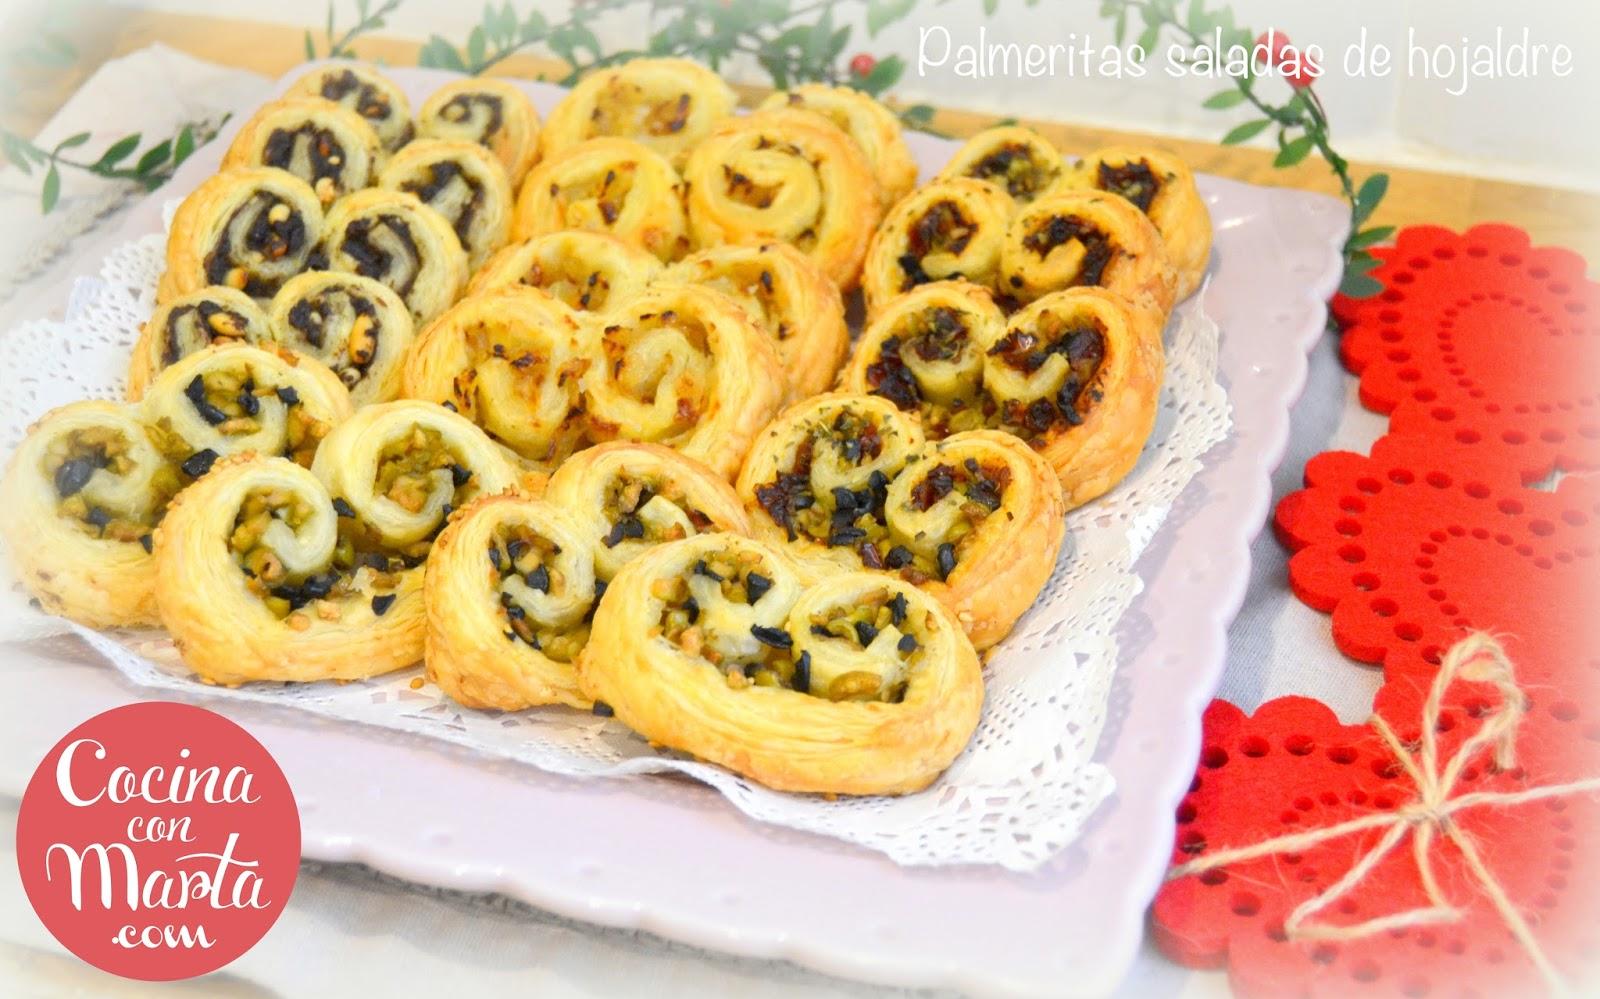 Palmeritas saladas de hojaldre for Cocina facil para navidad